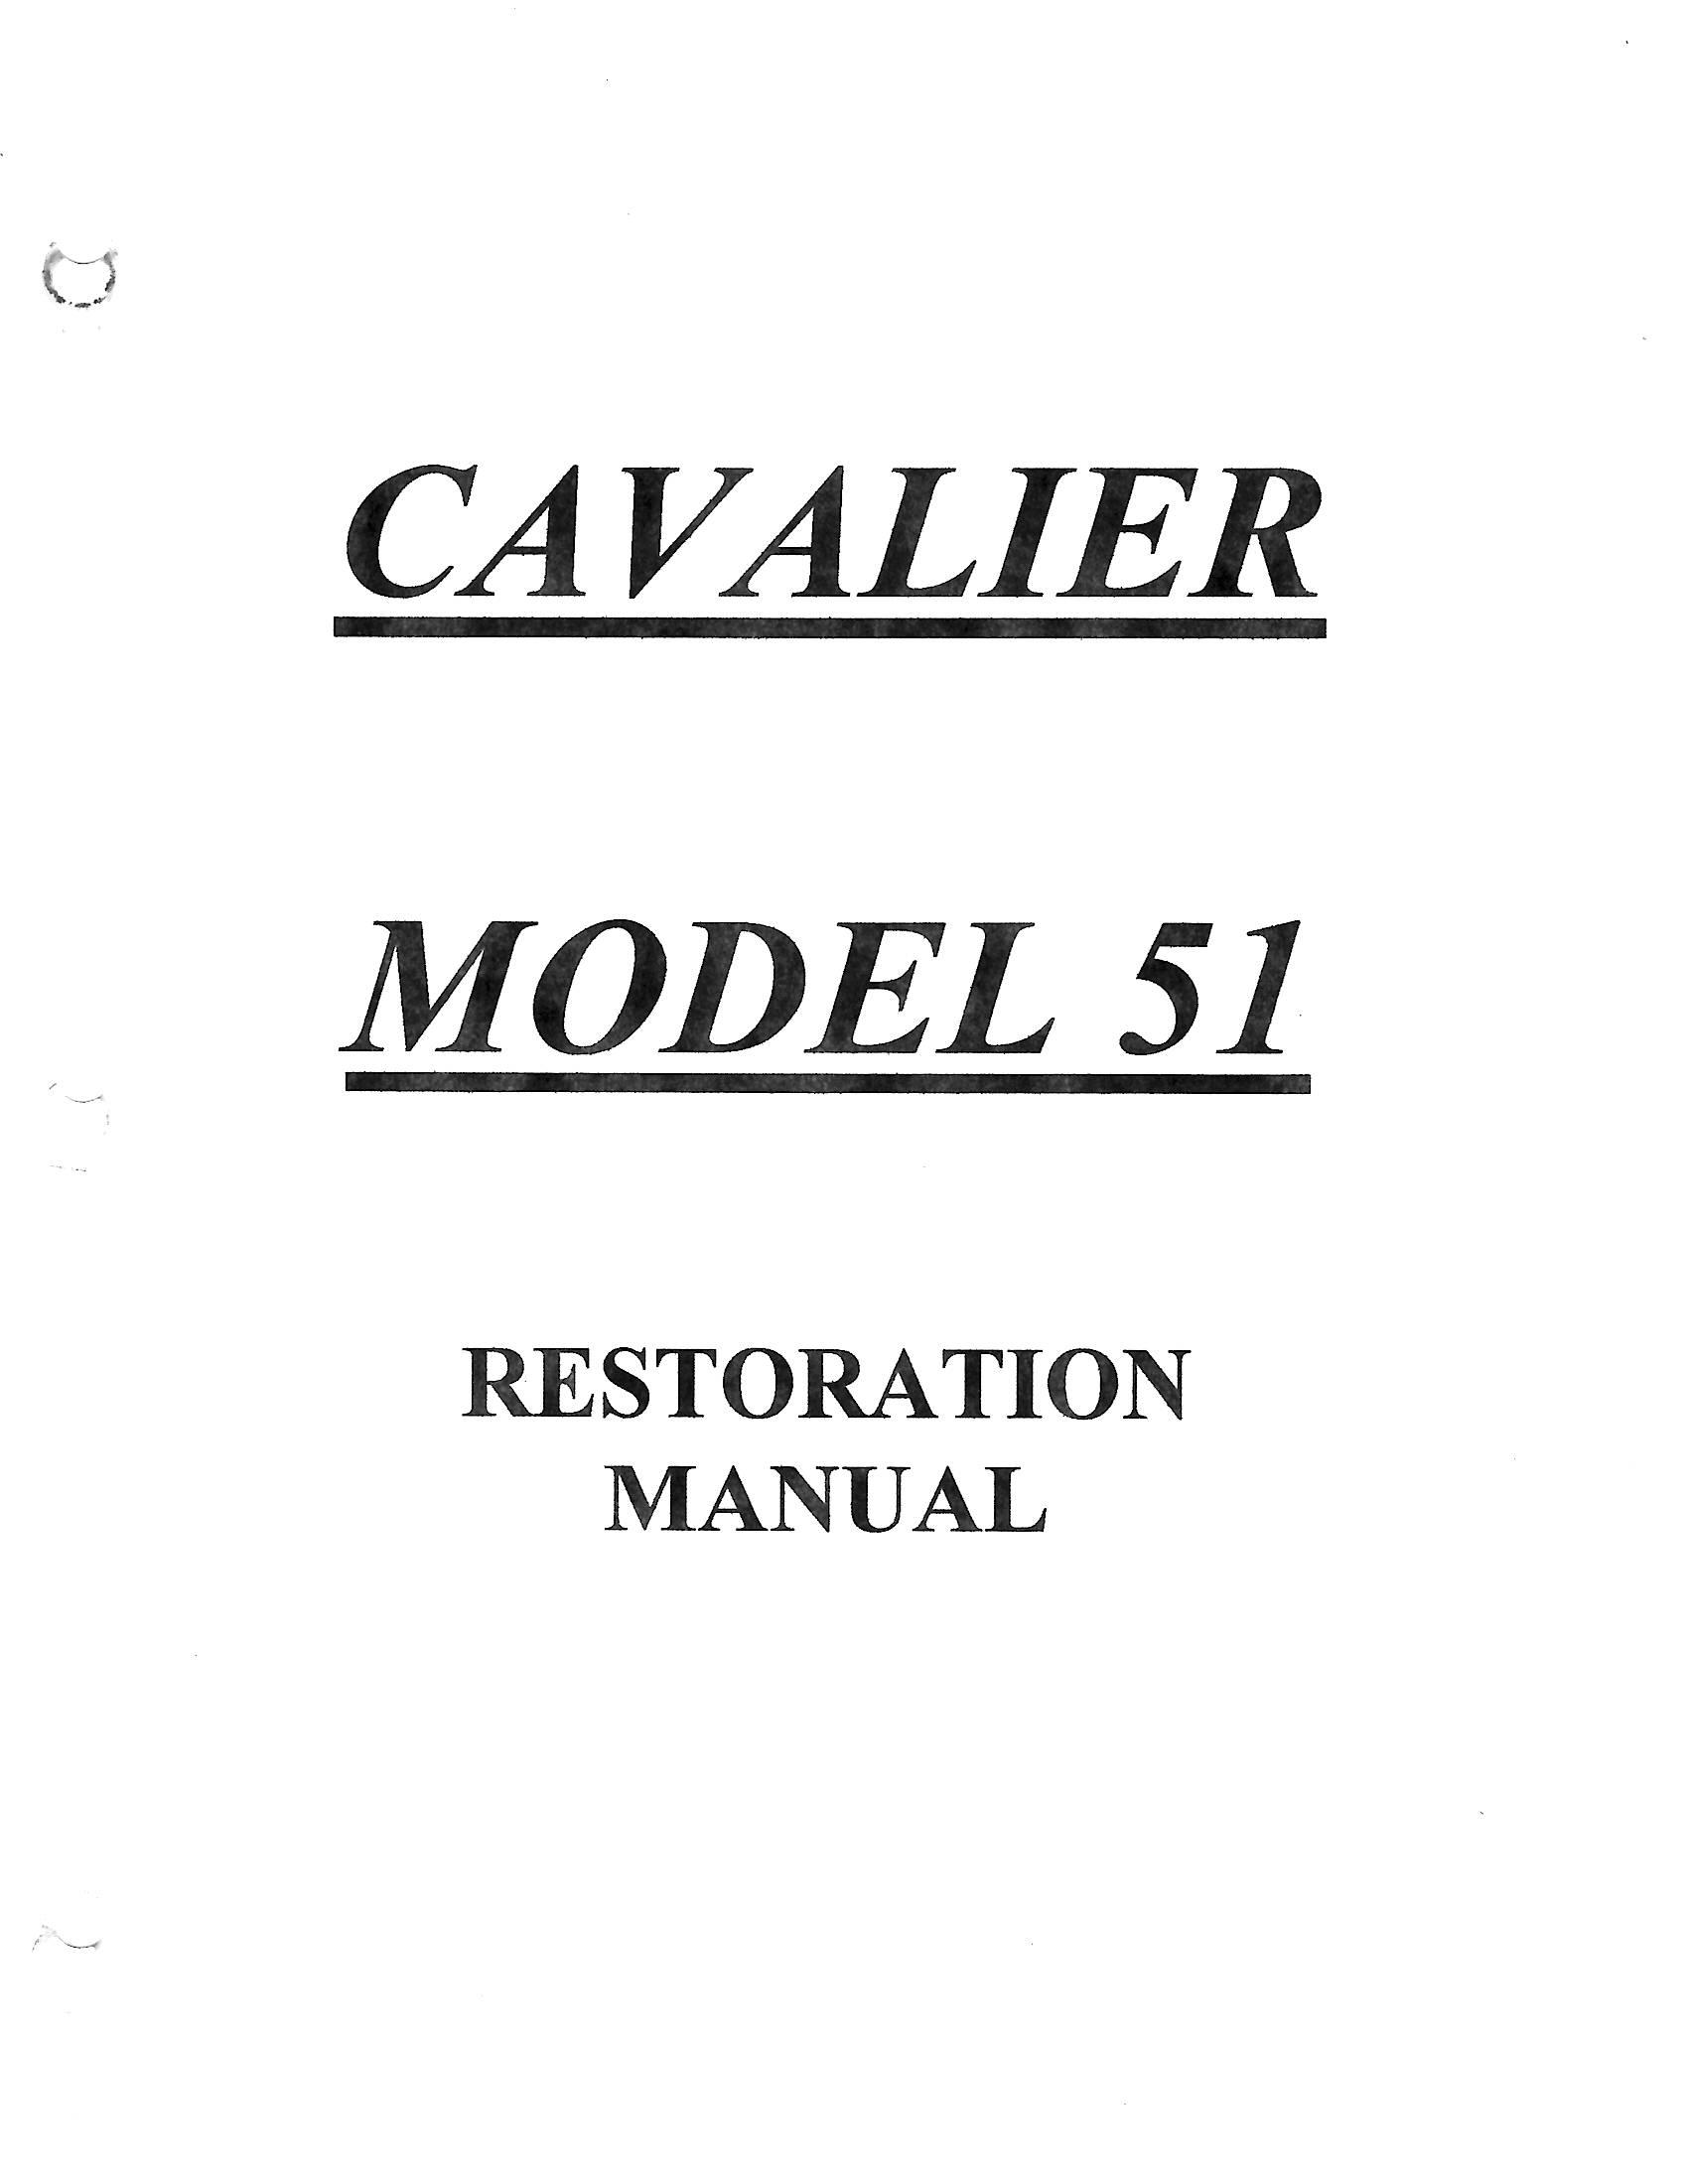 Cavalier Model 51 Restoration Manual (55 Pg.'s)